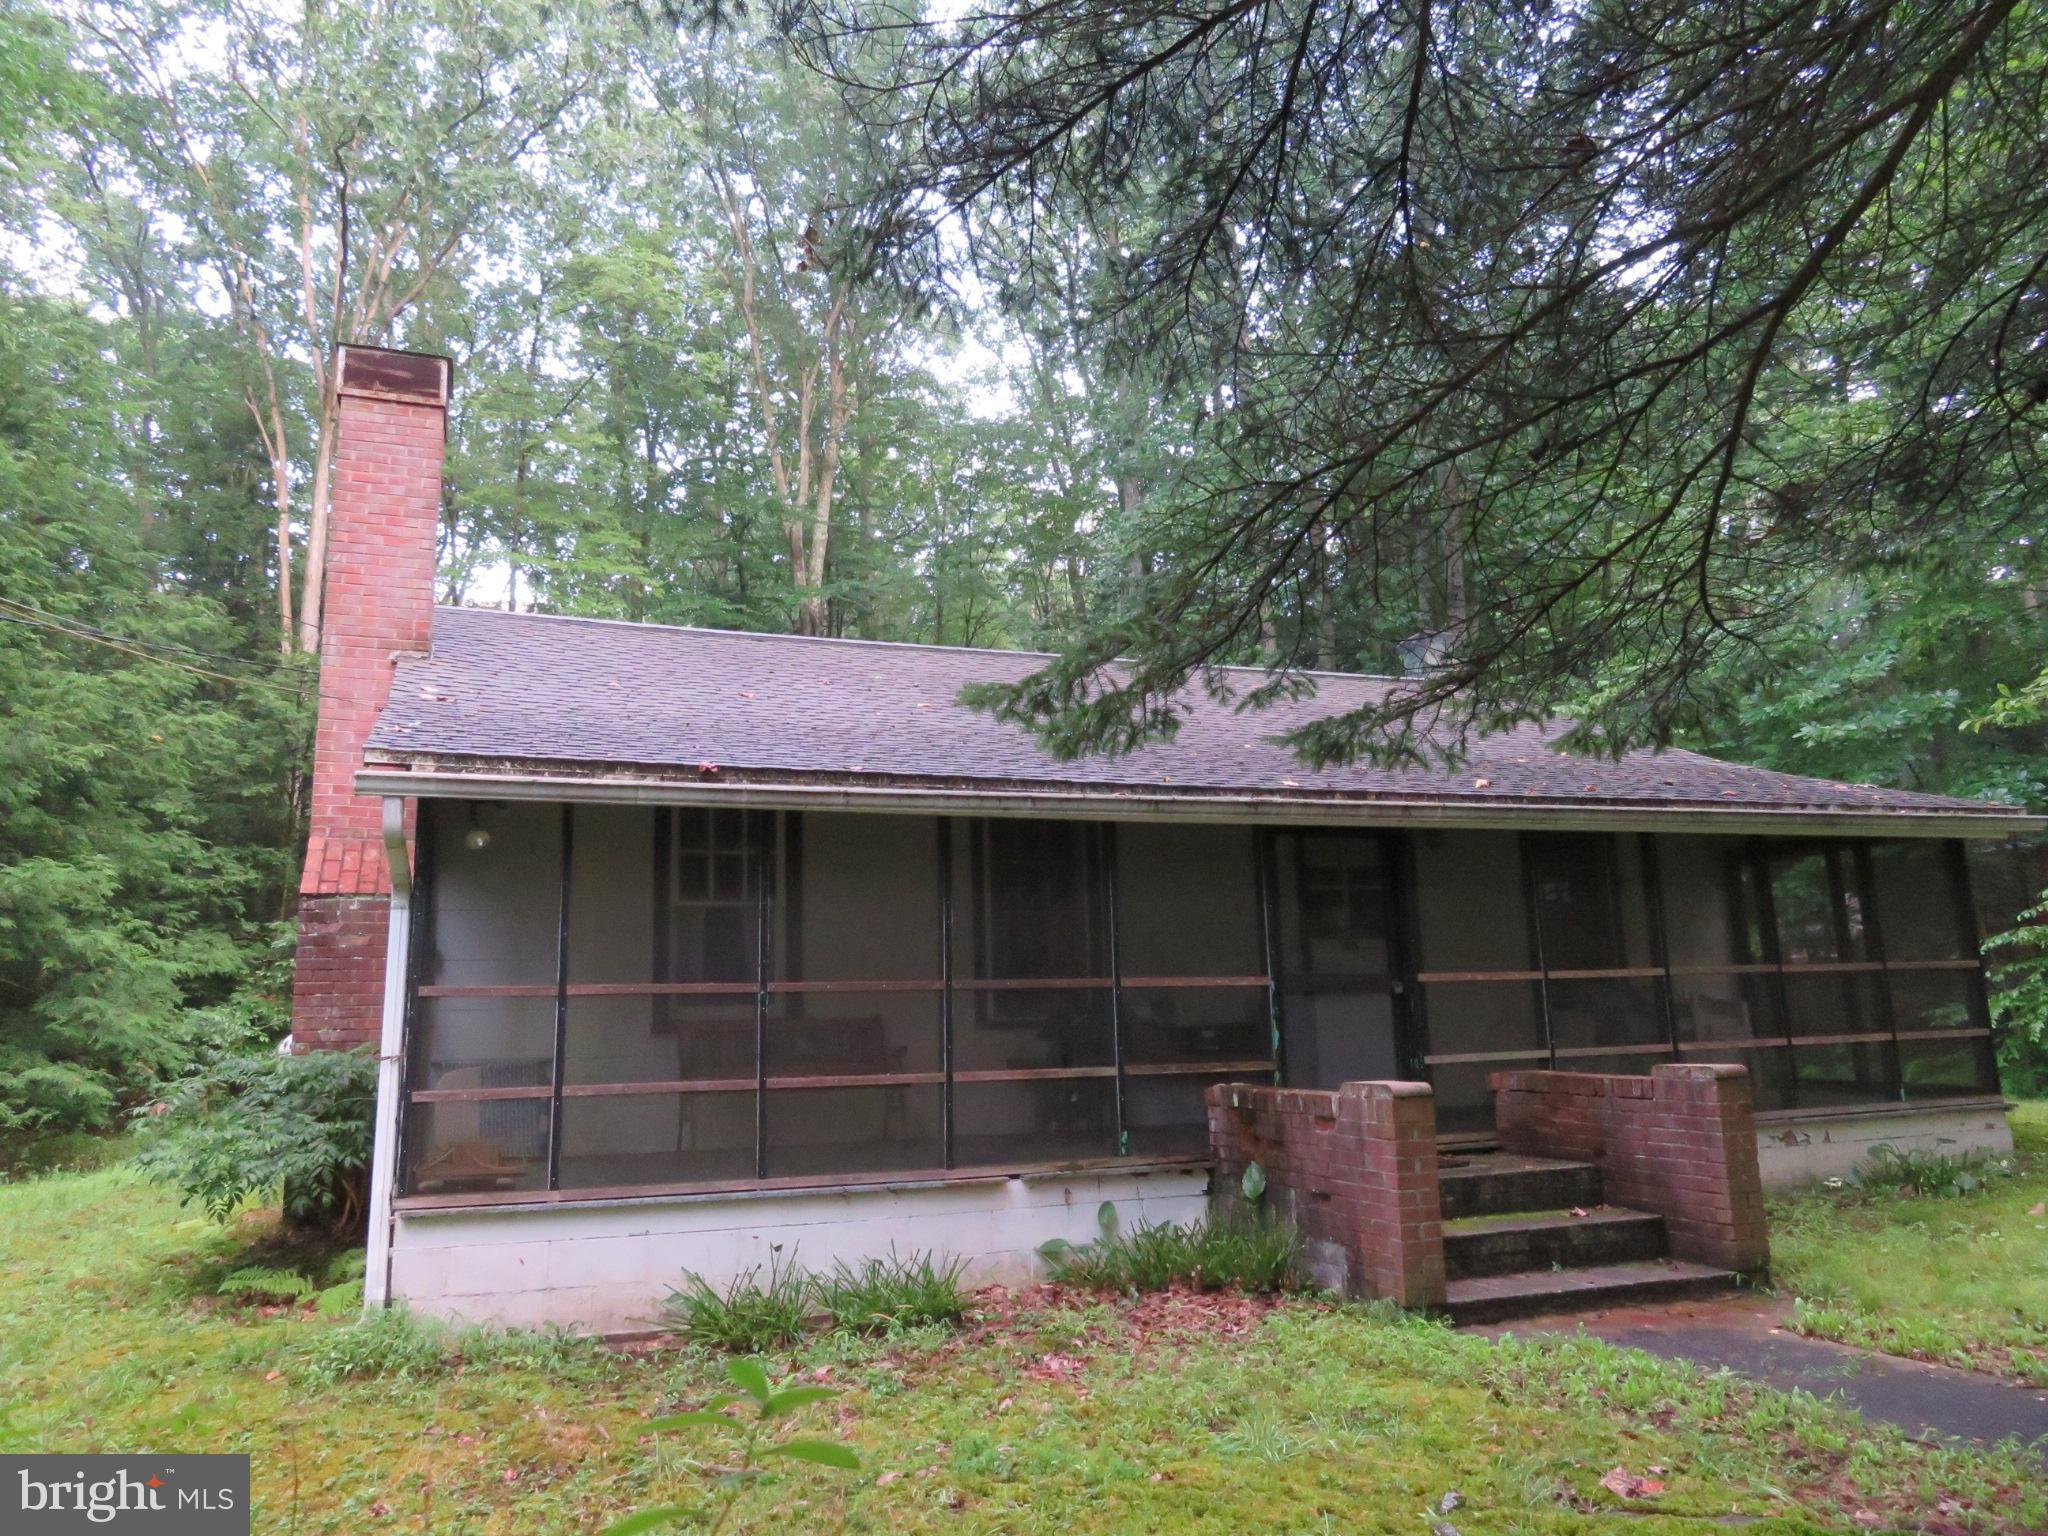 883 Lamey Rd, Millmont, PA, 17845